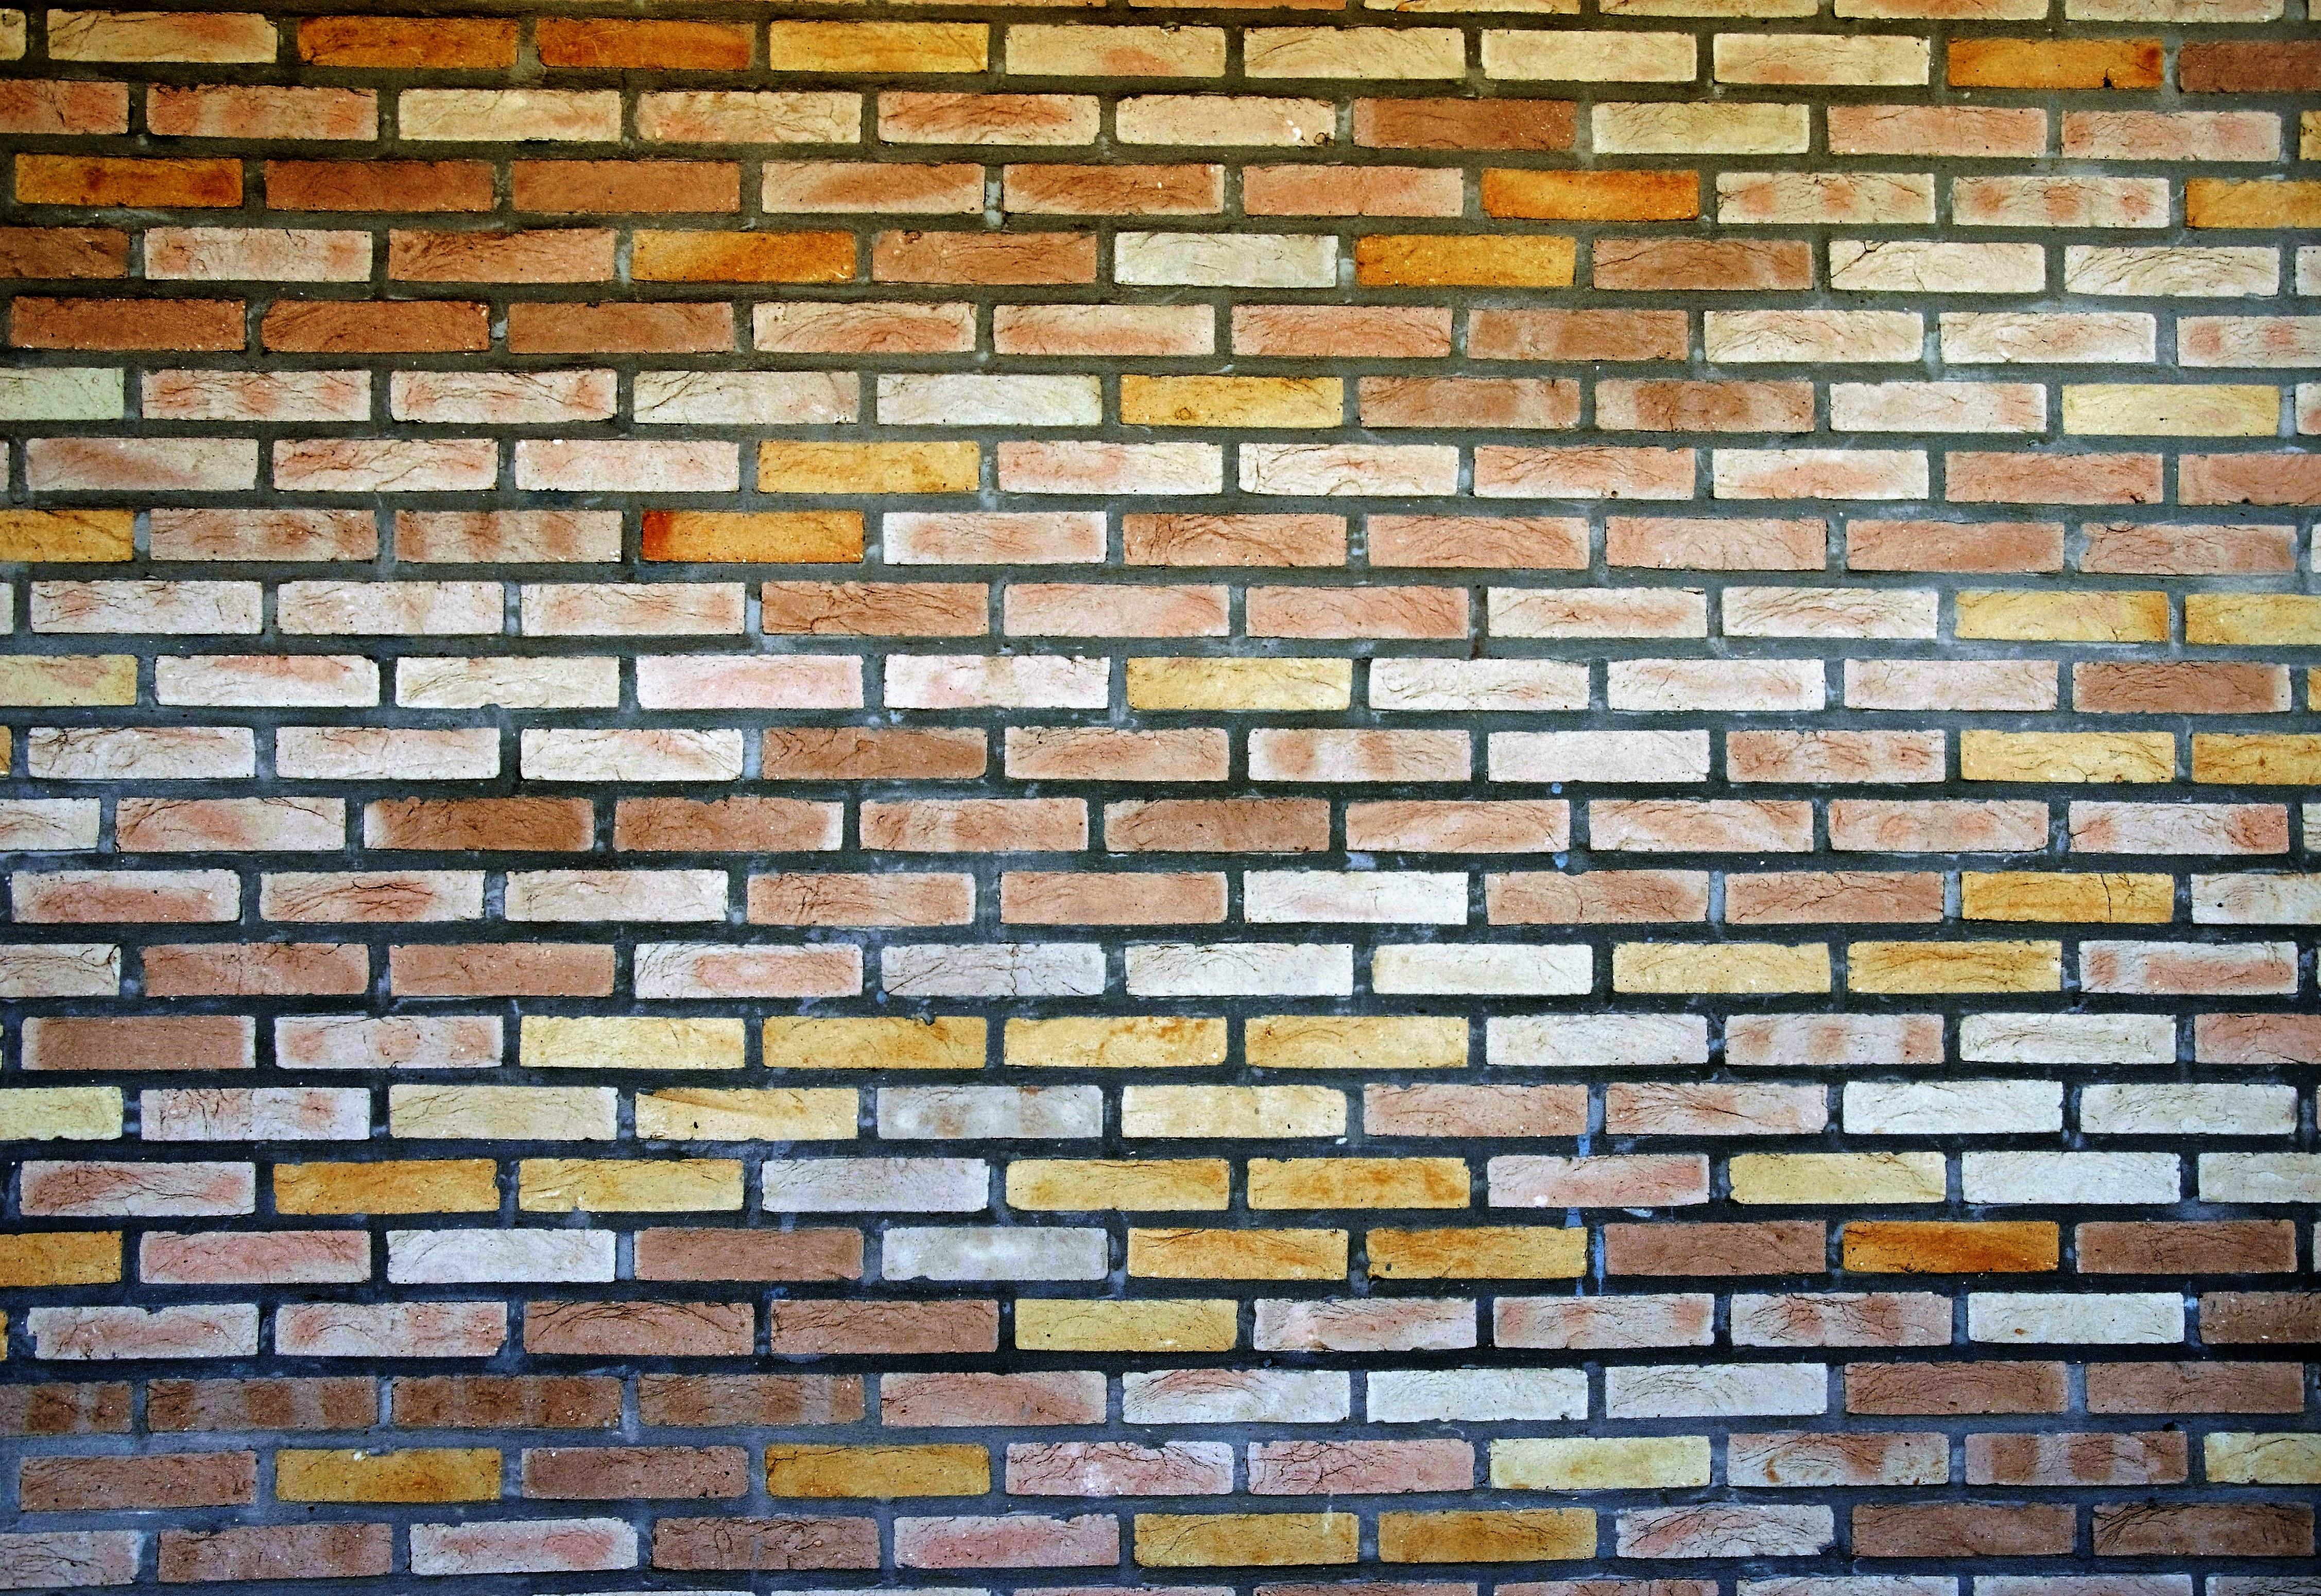 Fotos gratis textura piso pared de piedra material - Ladrillos para pared ...